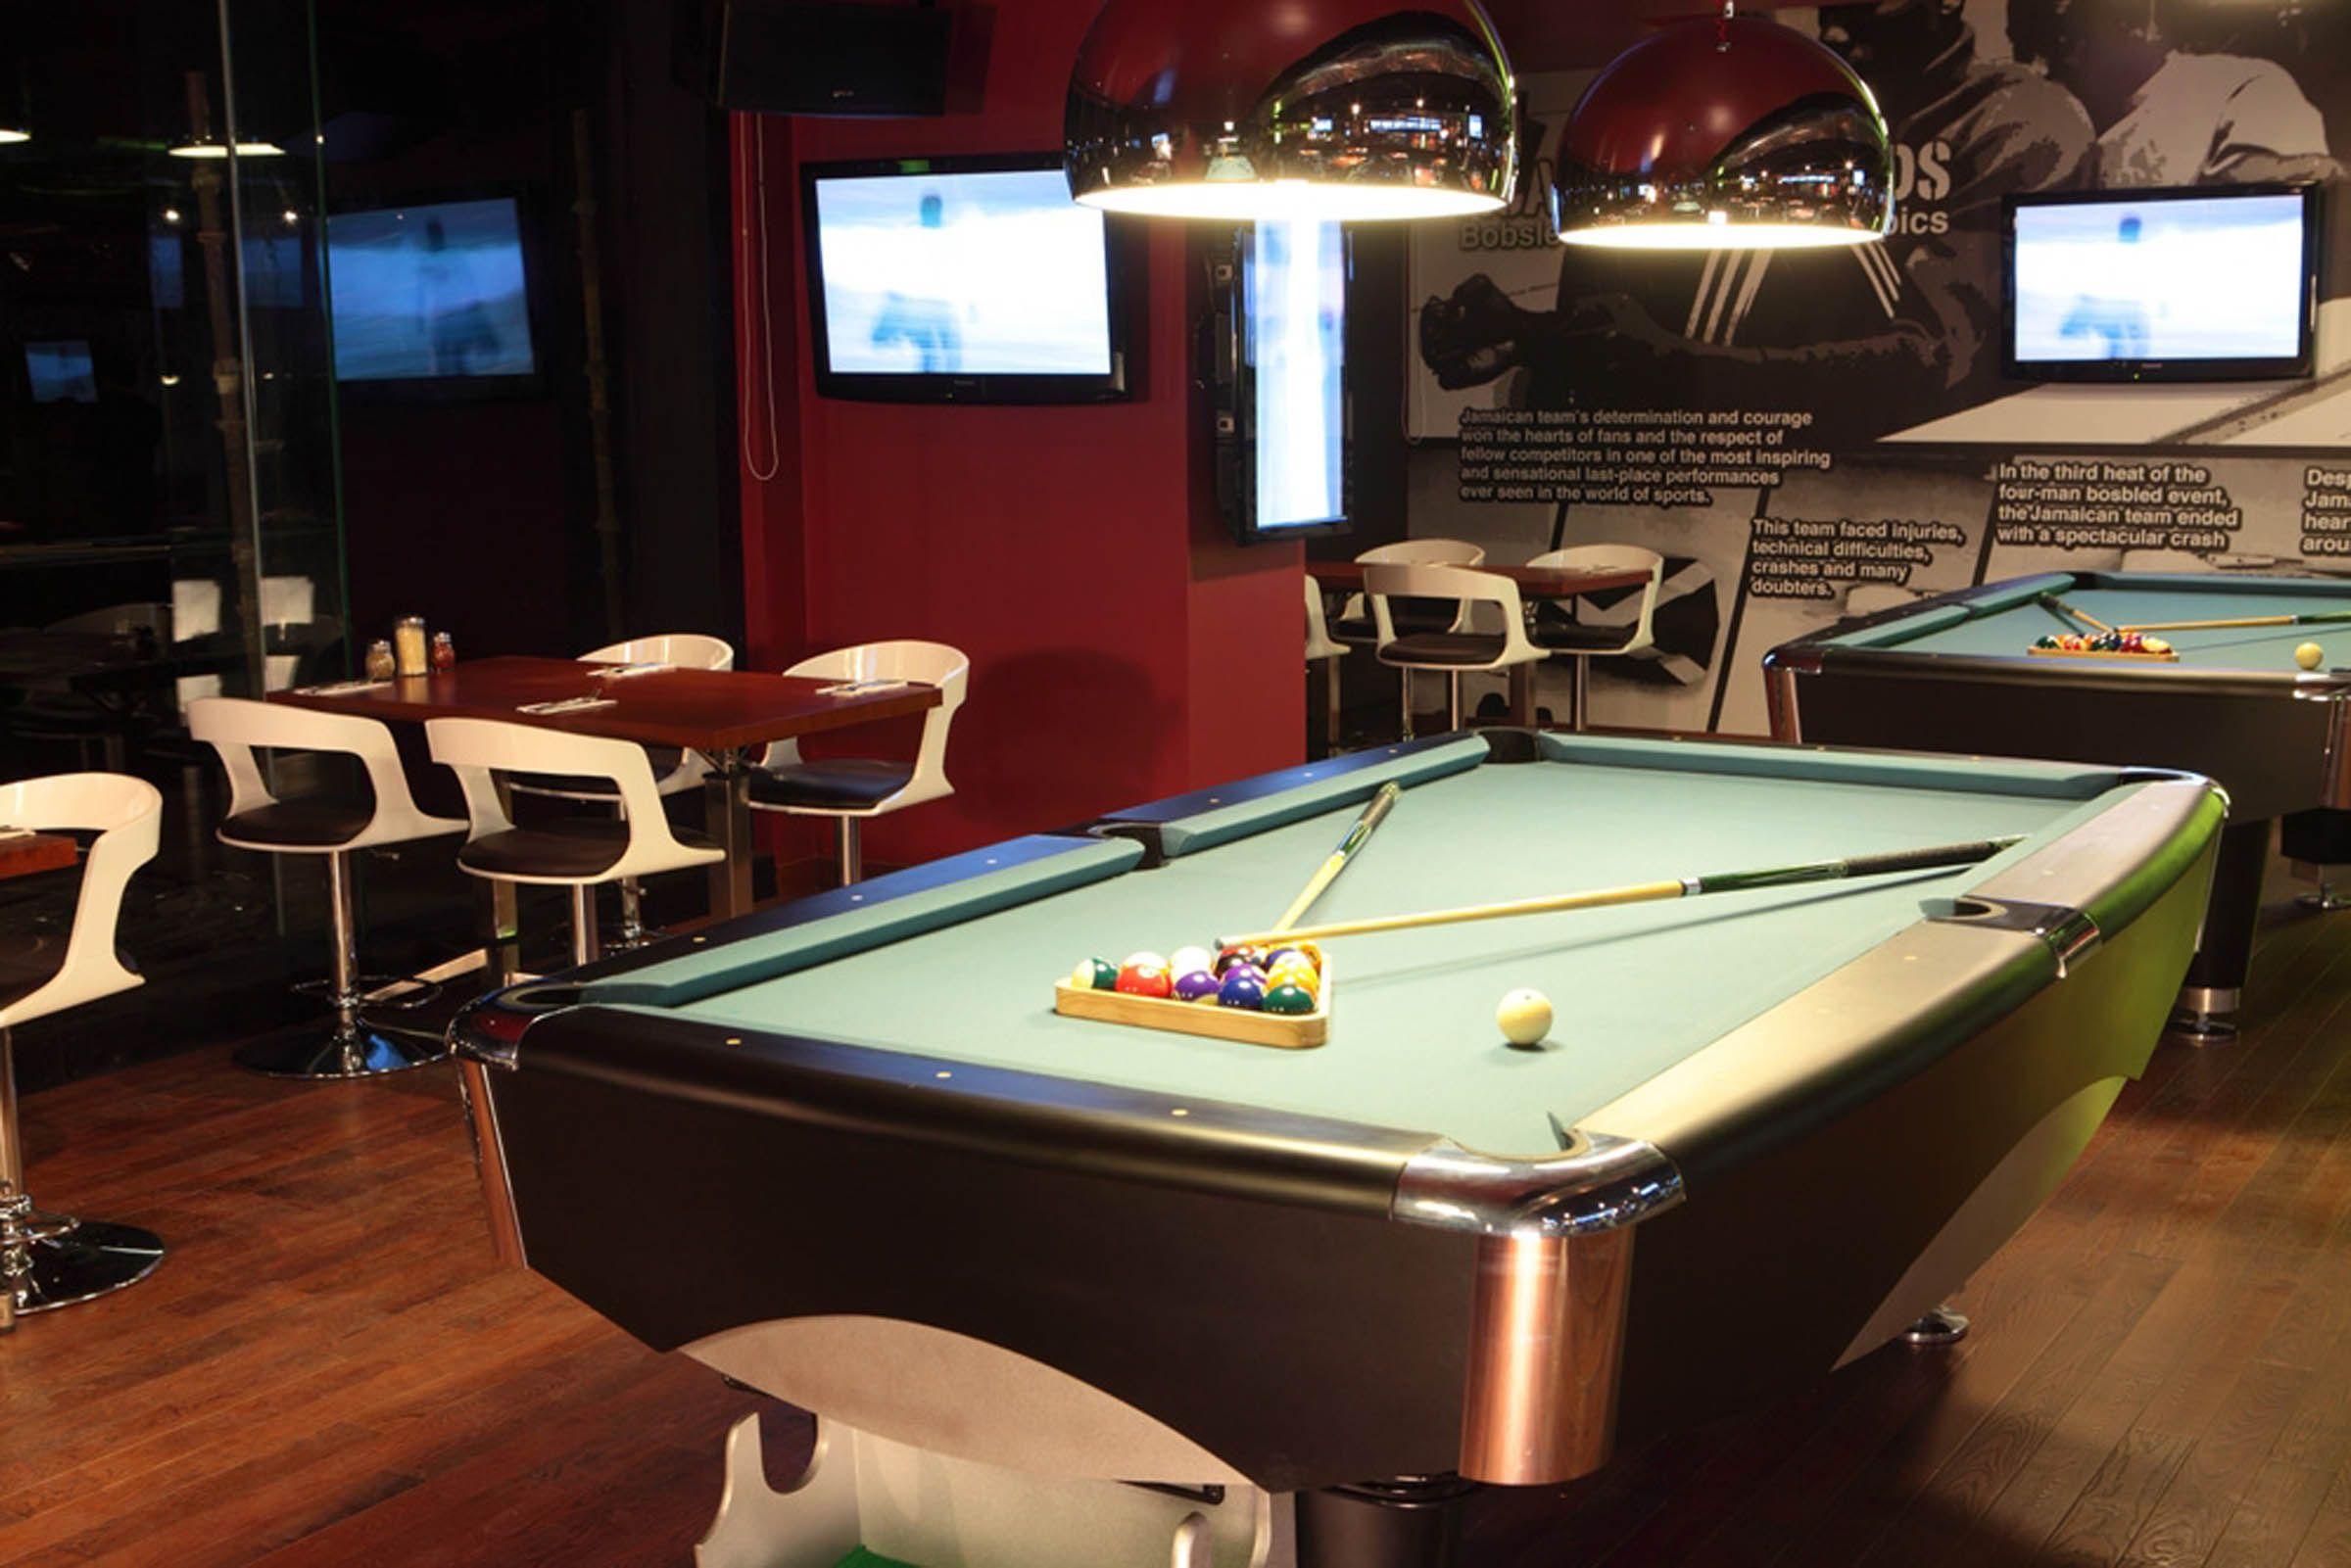 Cool Sports Bar Google Search Basement Bar Designs Sports Bar Bar Design